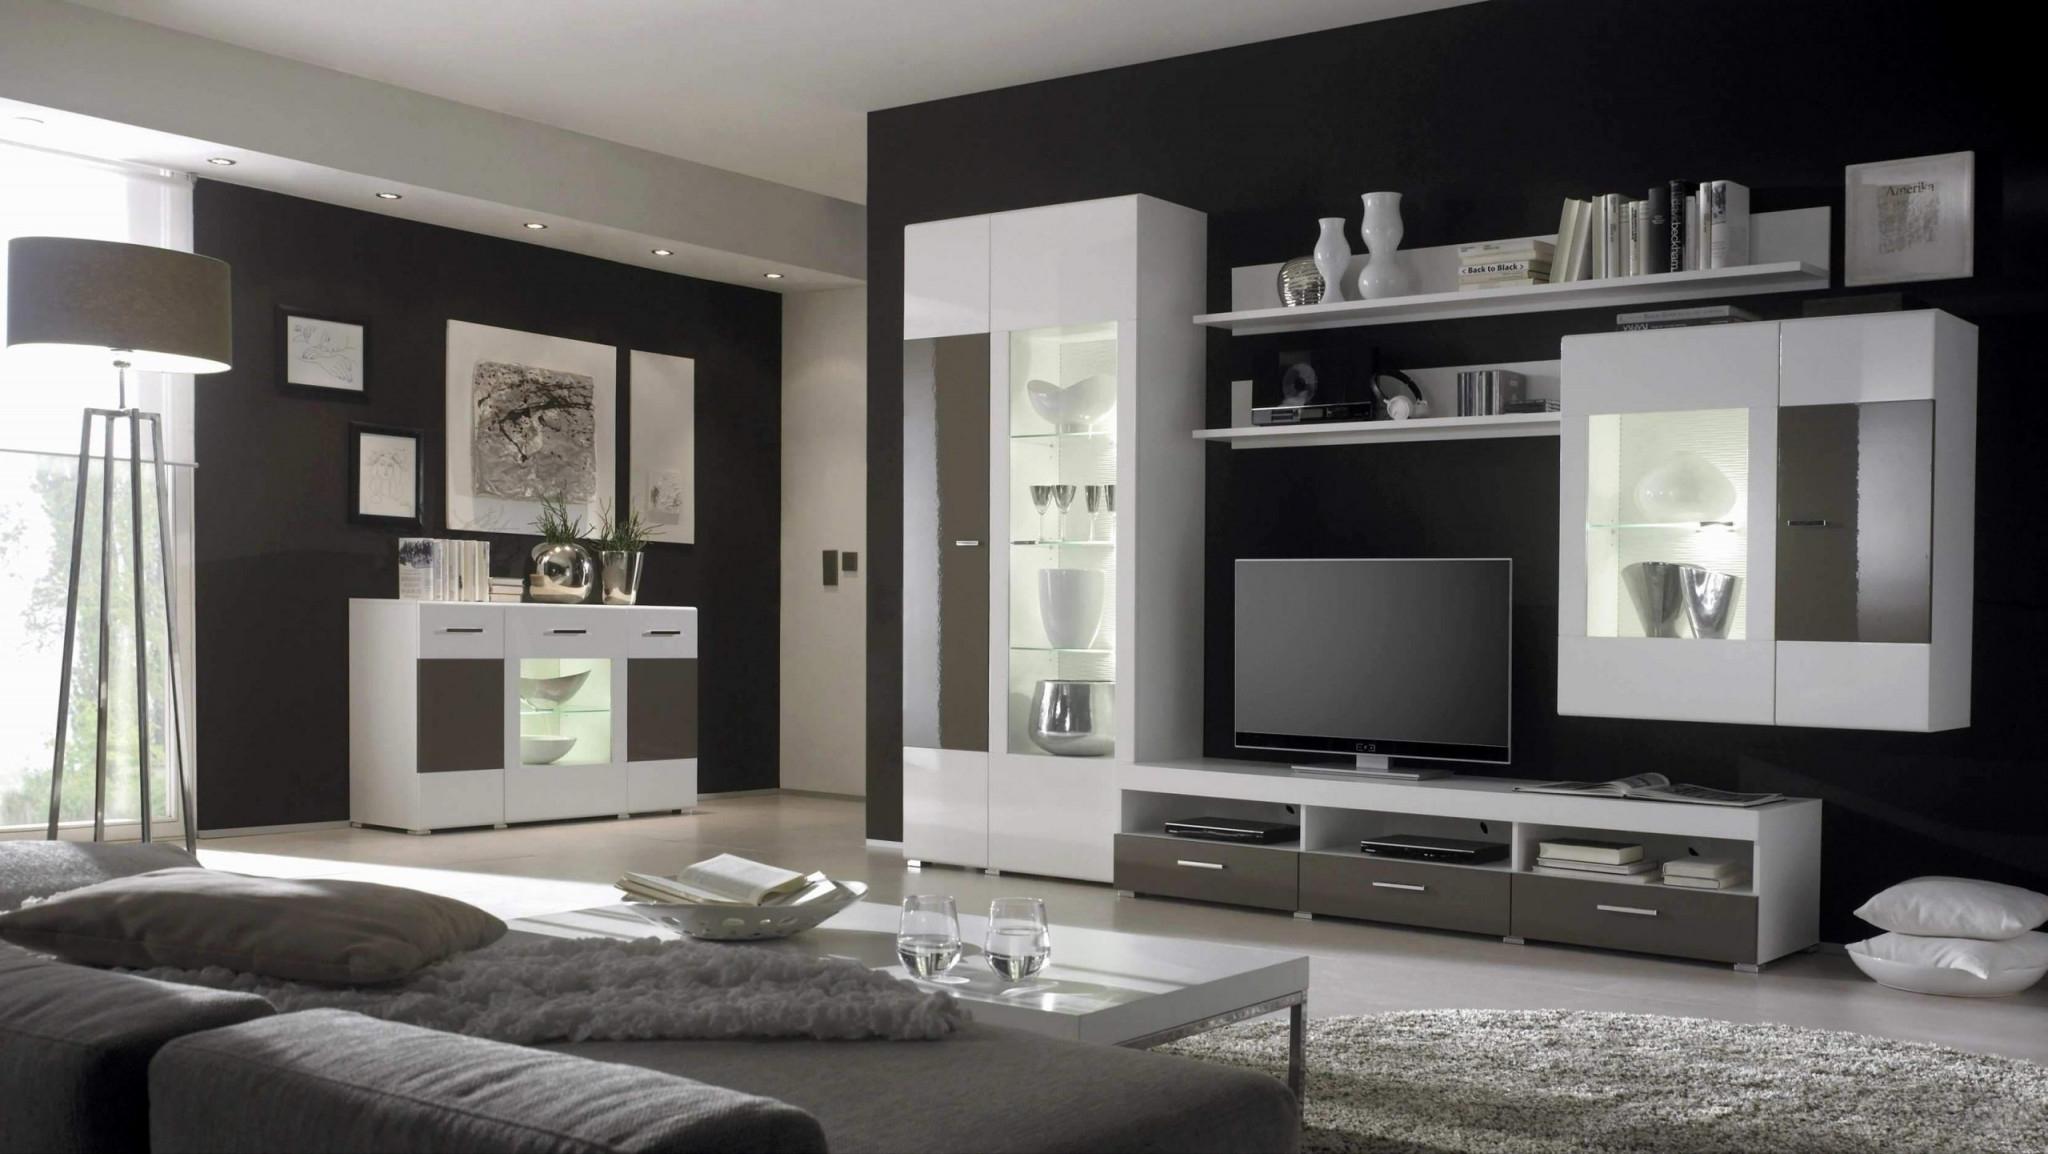 Moderne Deko Wohnzimmer Einzigartig Luxury Dekoideen von Moderne Deko Für Wohnzimmer Photo